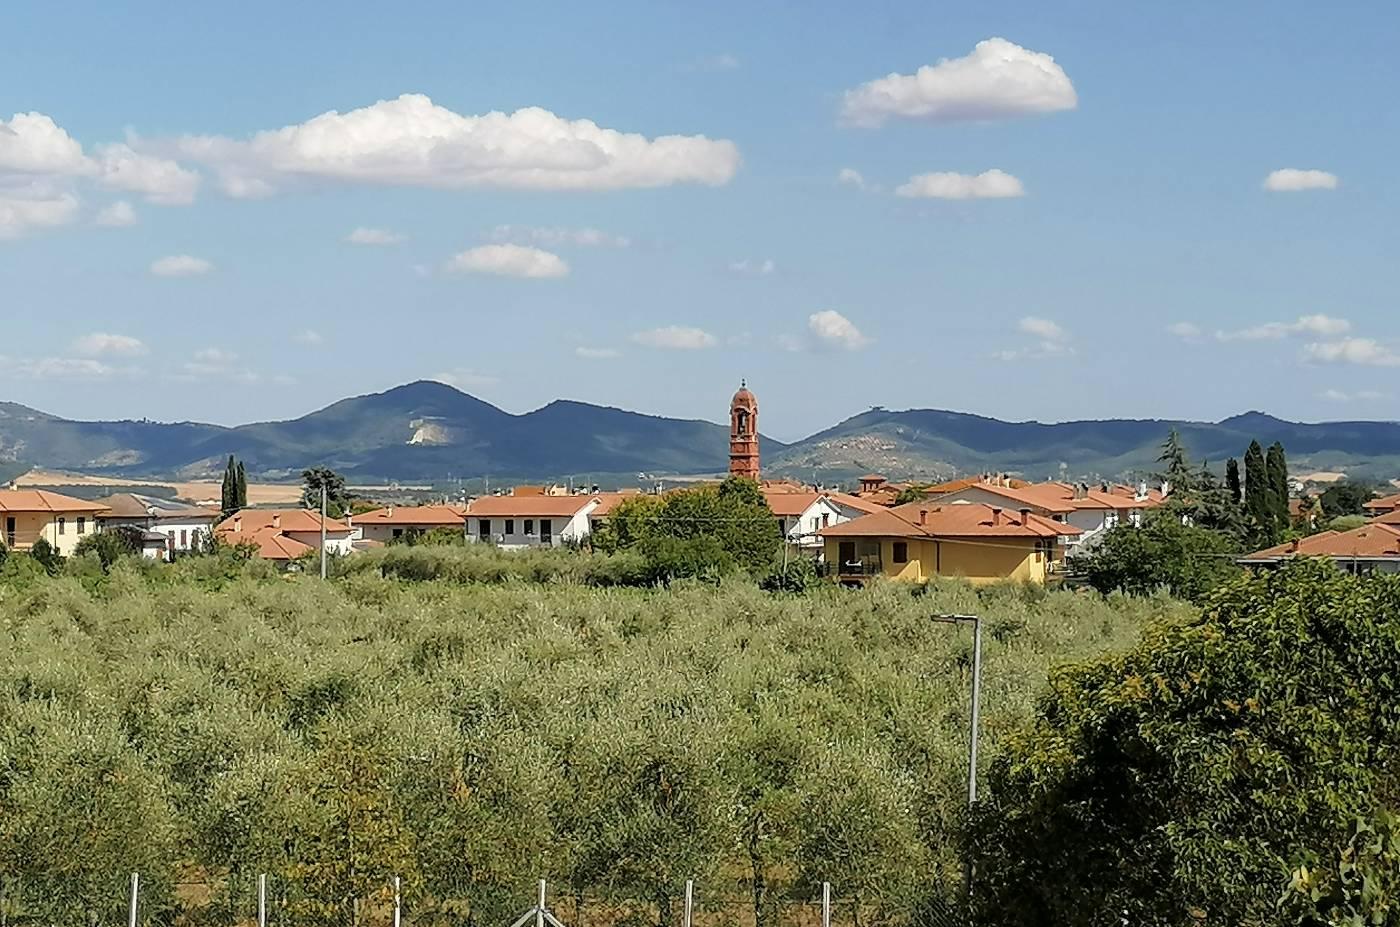 Sanfatucchio